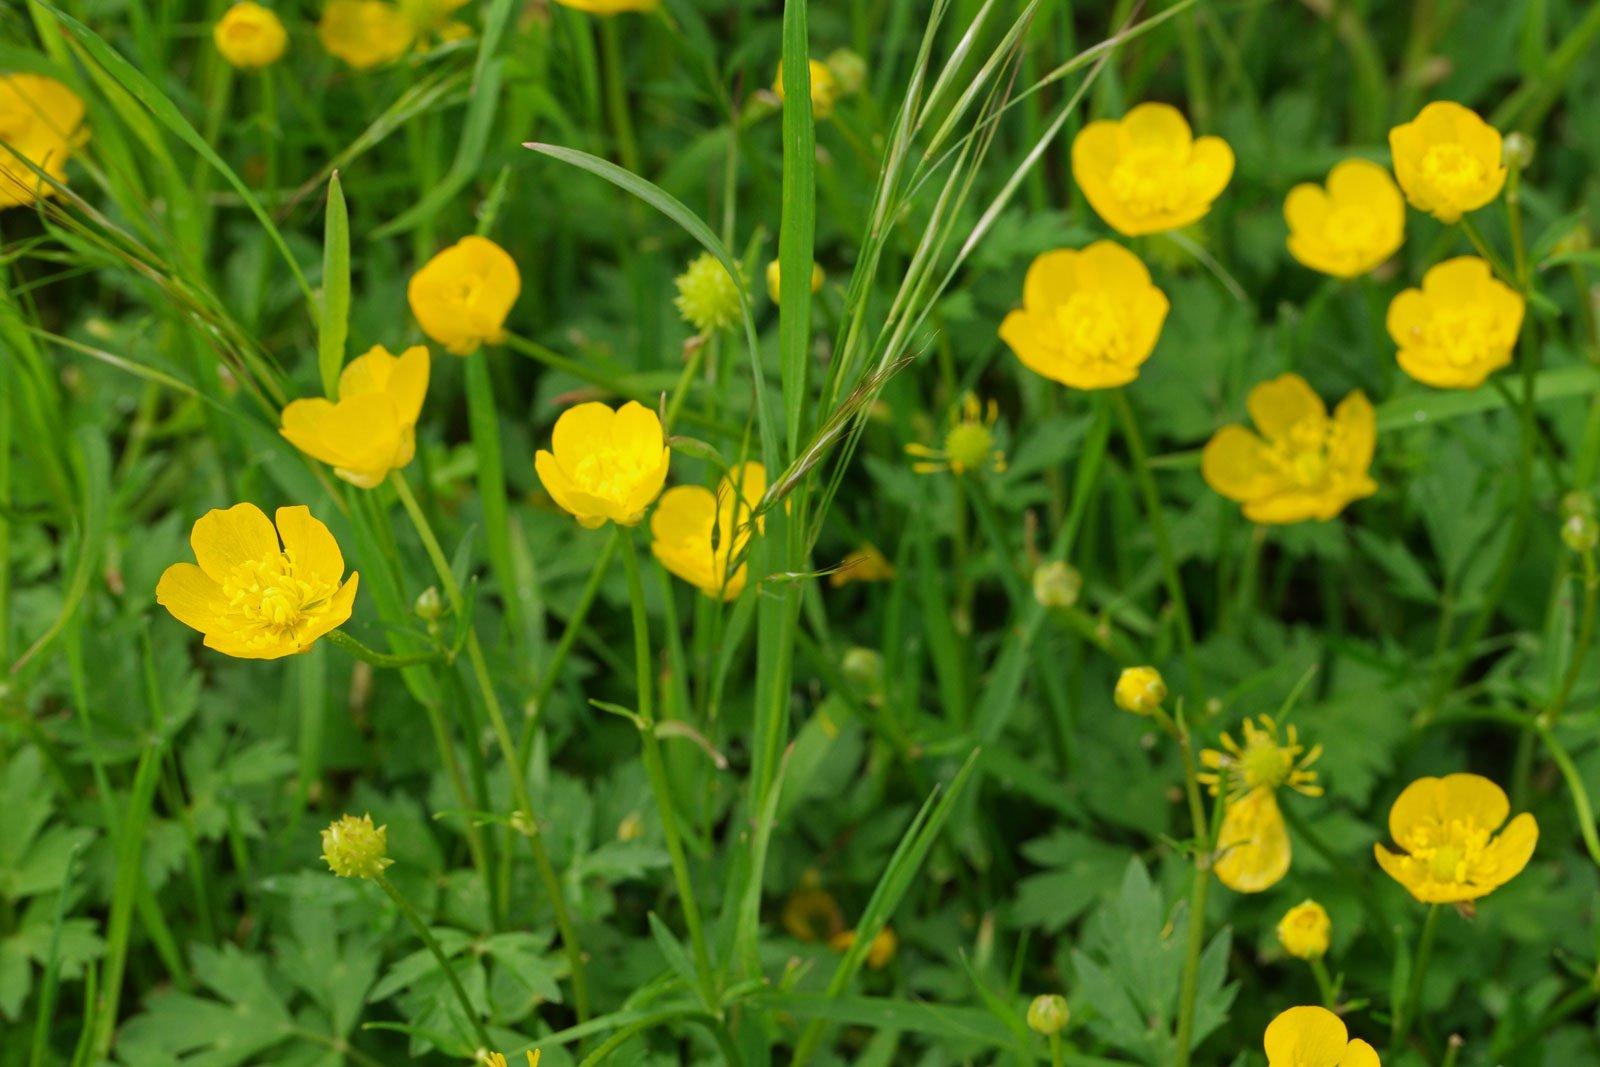 Ranunculus repens